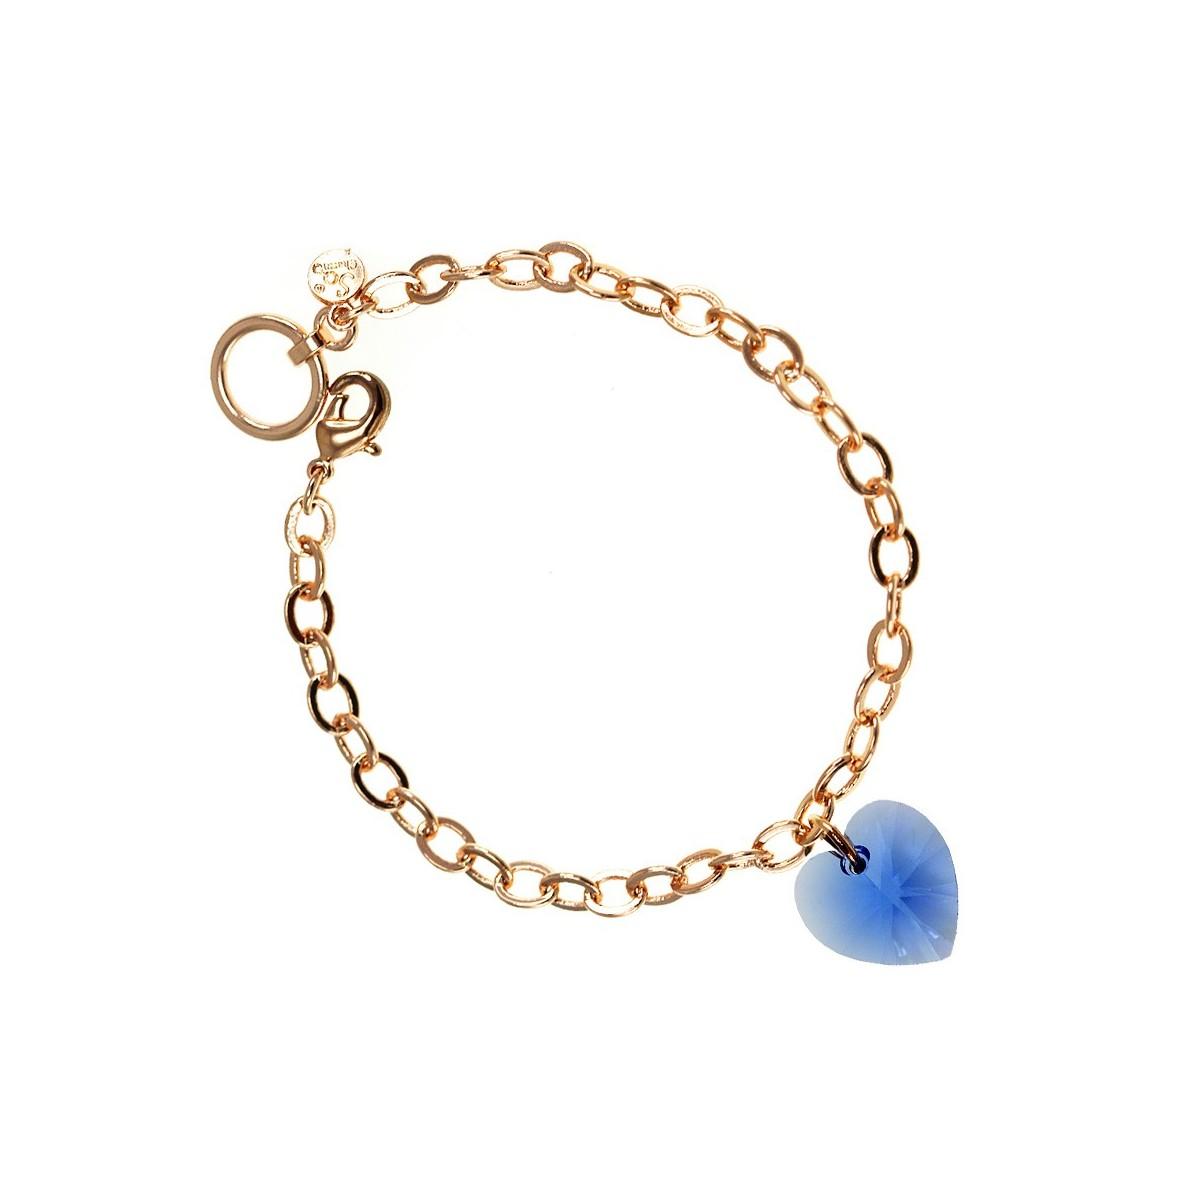 bracelet dor ros et coeur bleu so charm orn de cristaux swarovski. Black Bedroom Furniture Sets. Home Design Ideas